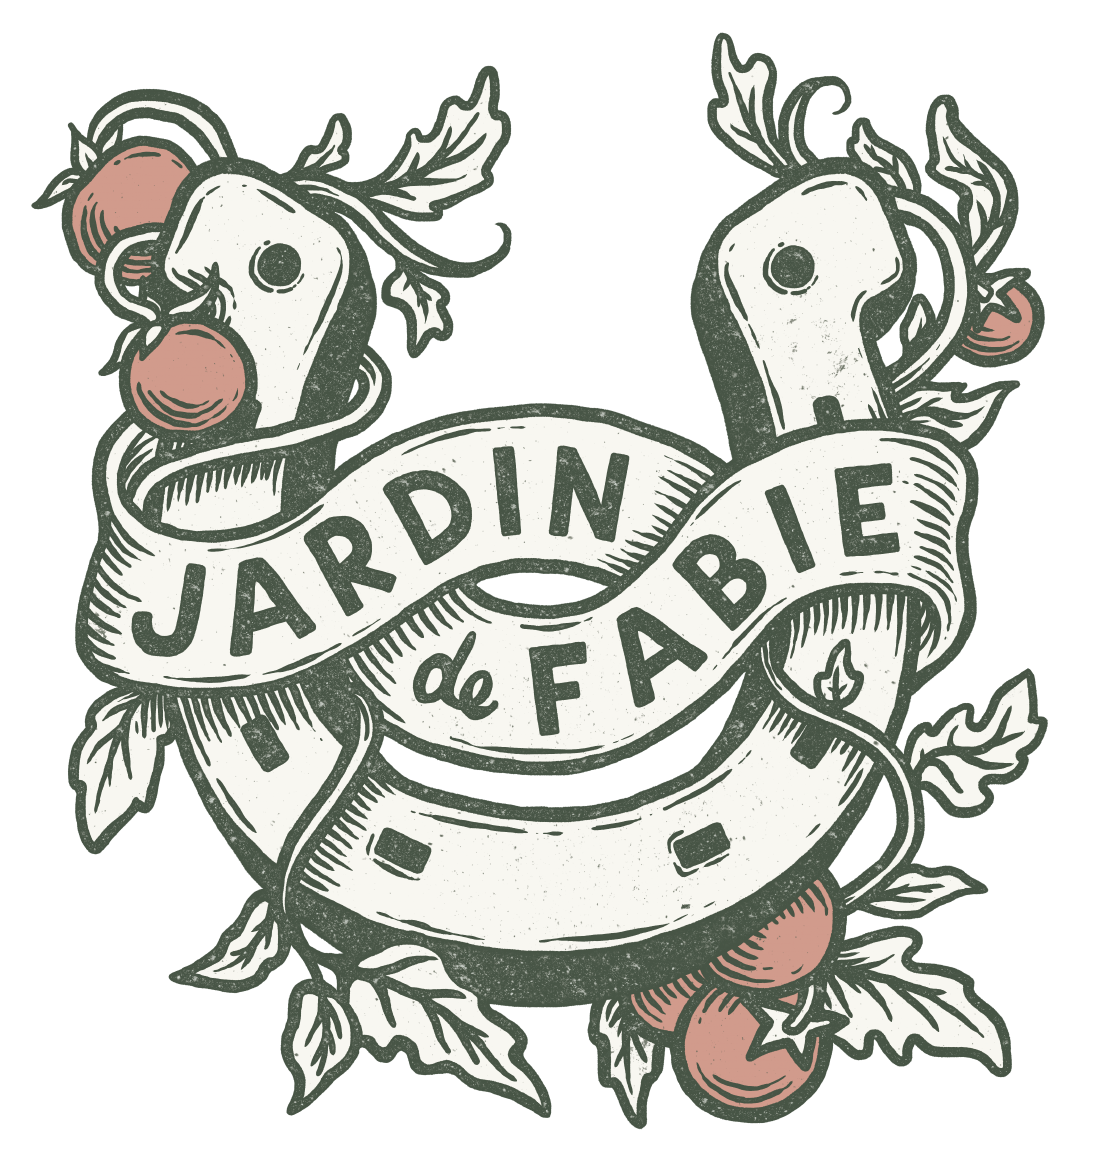 Jardin de Fabie